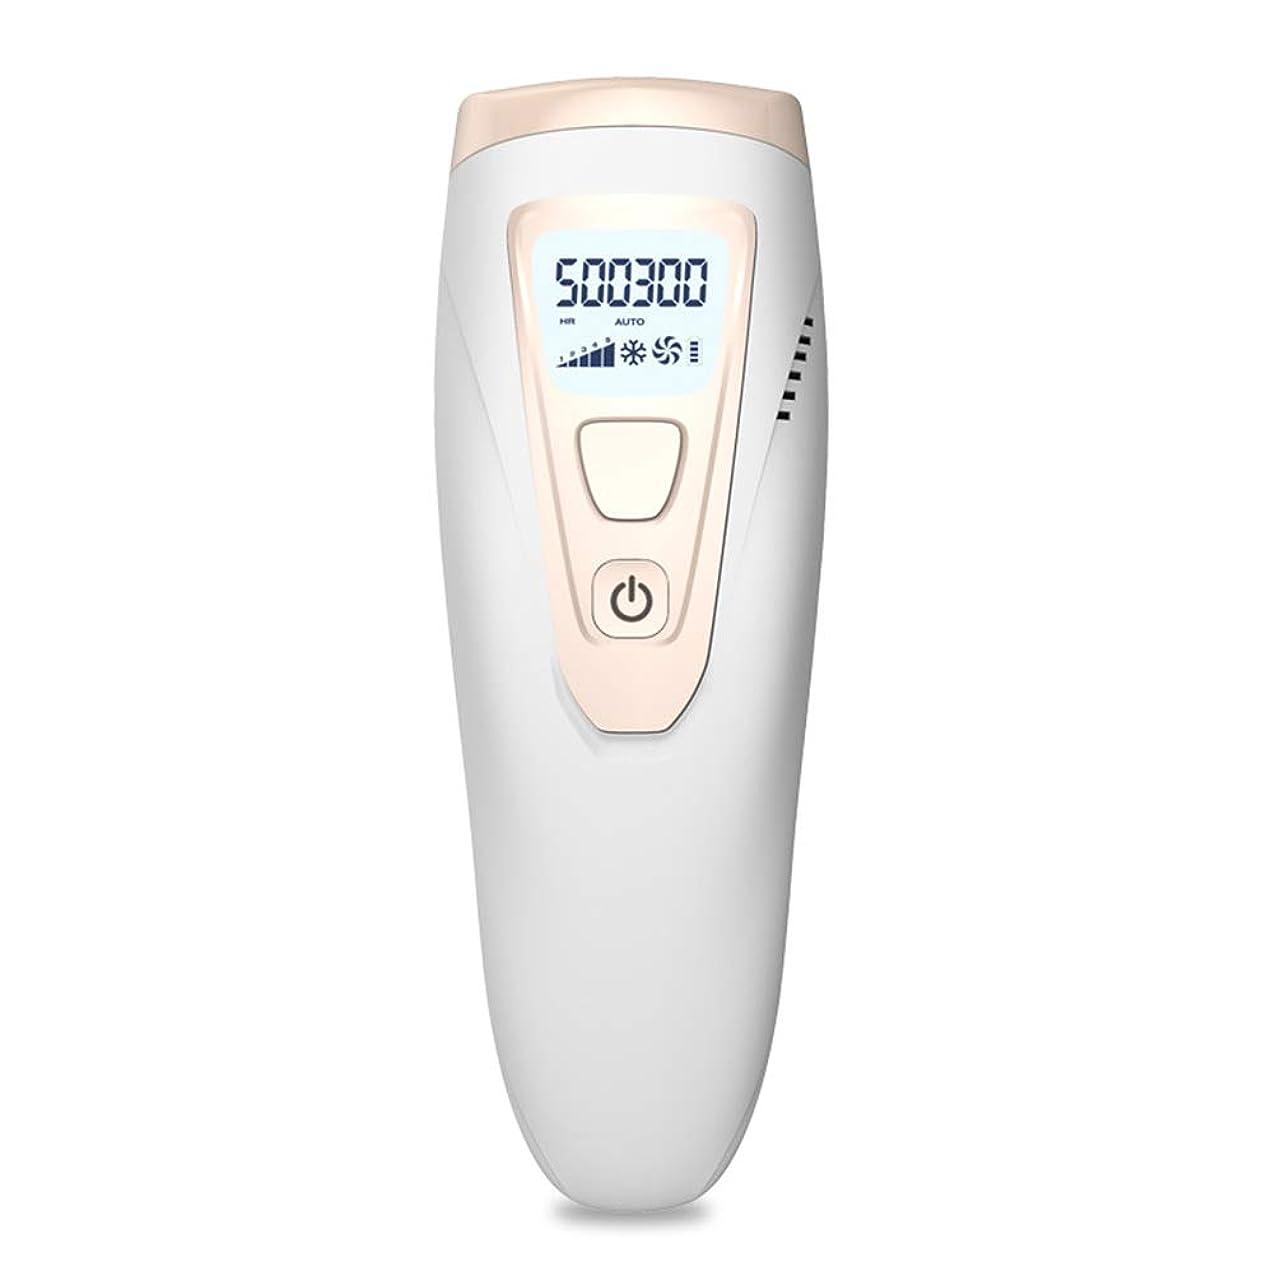 属性大西洋額アイスクールIPLレーザー脱毛システム50万回のフラッシュ無痛常設パルス光脱毛器デバイス、にとってボディフェイス脇の下ビキニライン